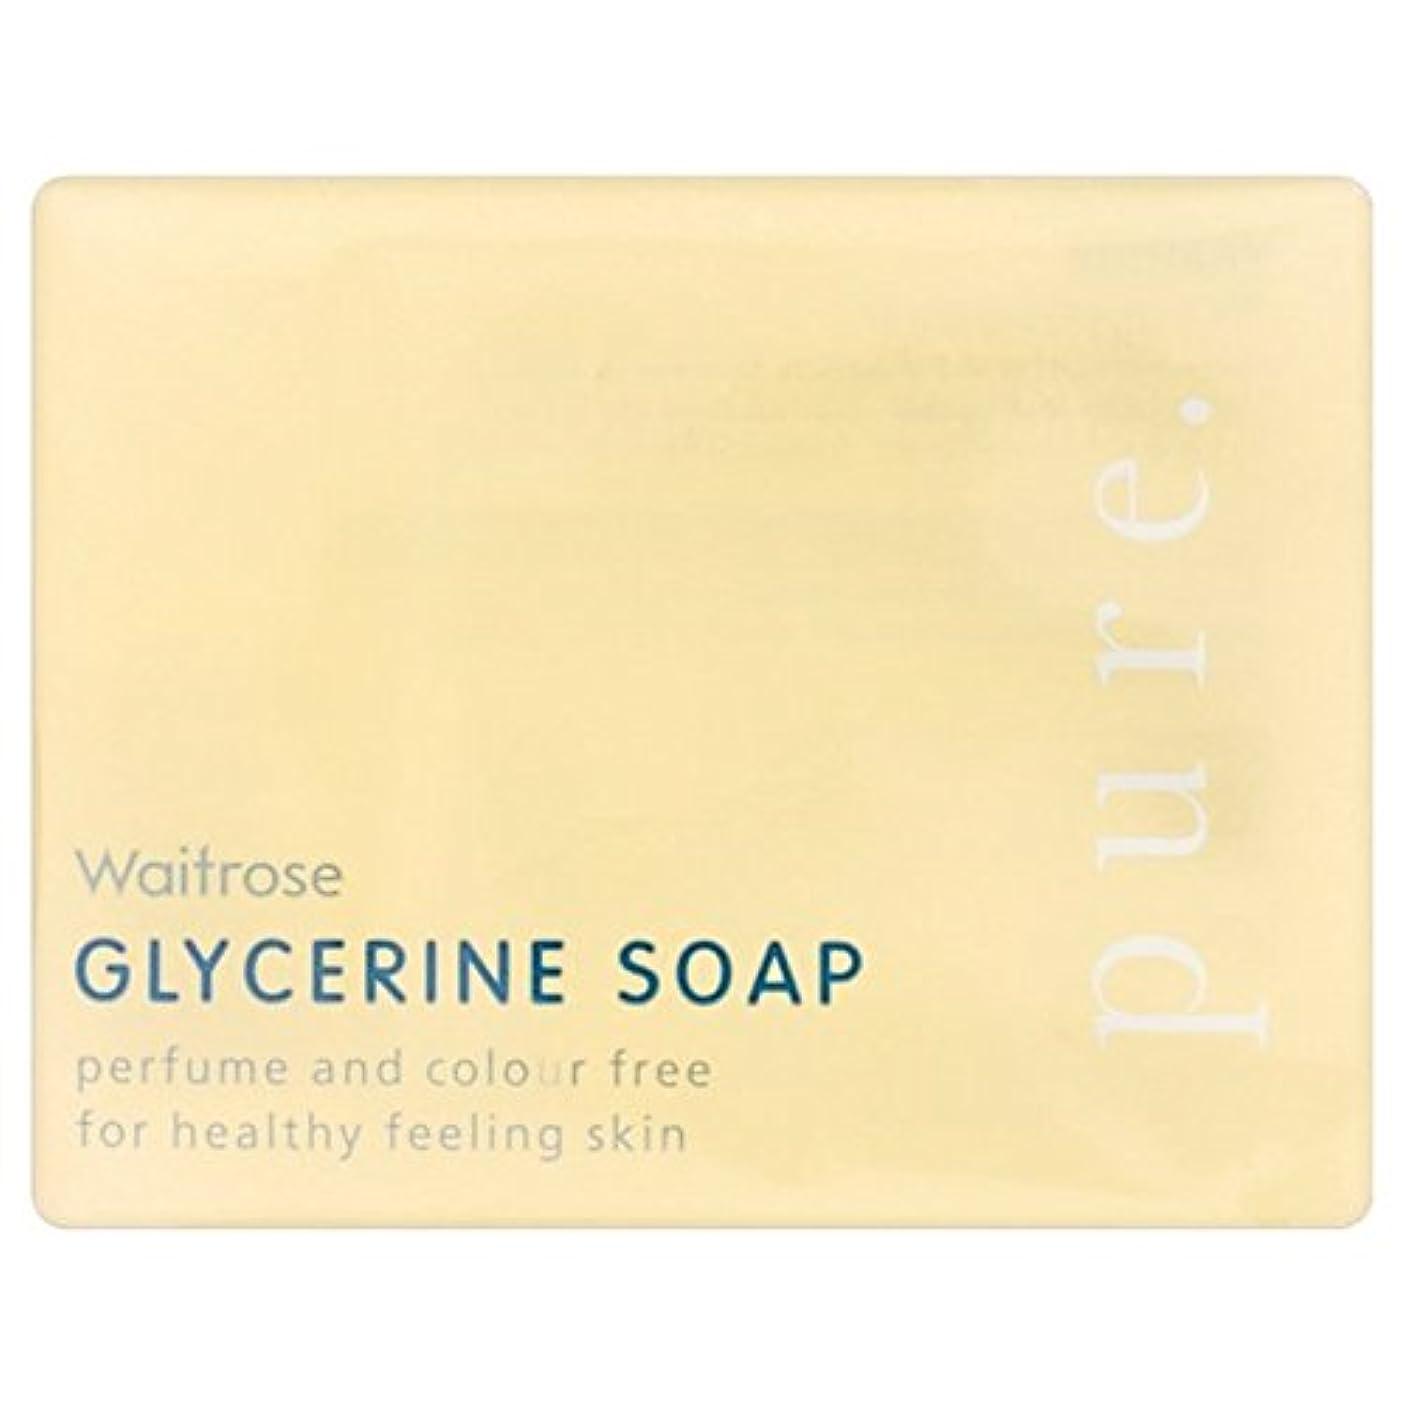 署名人形狼純粋なグリセリンソープウェイトローズの100グラム x2 - Pure Glycerine Soap Waitrose 100g (Pack of 2) [並行輸入品]